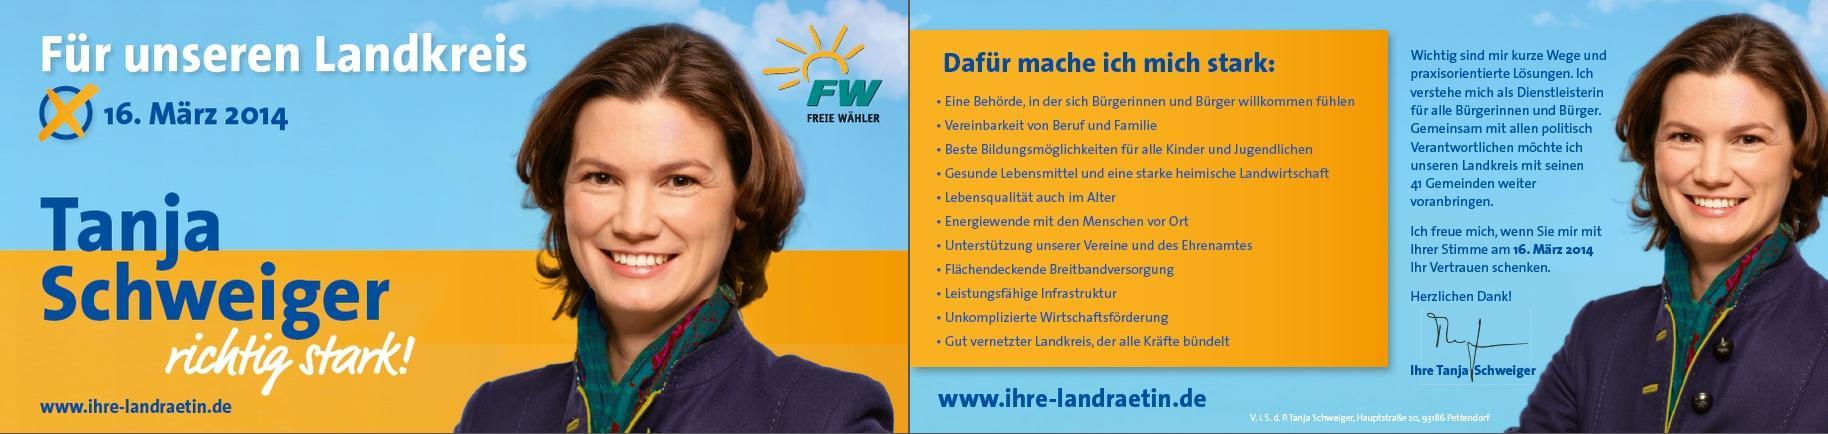 Kurzprogramm Tanja Schweiger richtig stark ihre landraetin